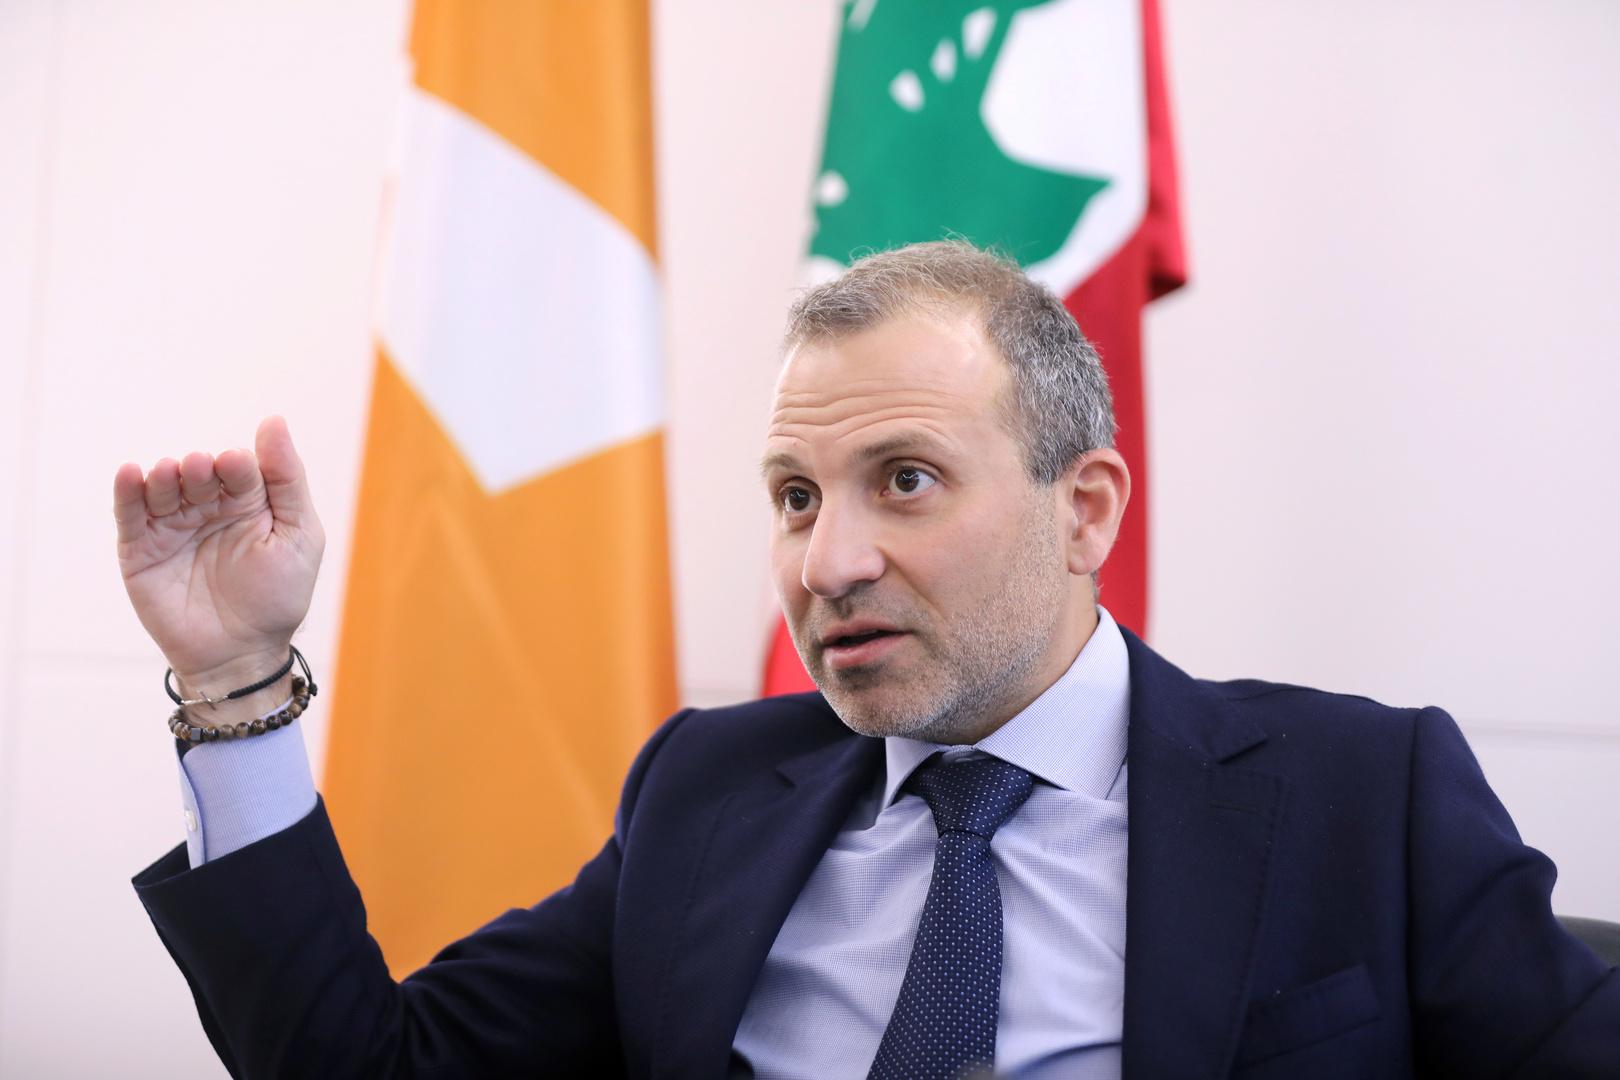 لبنان.. جبران باسيل يتهم أجهزة أمنية ونوابا وسياسيين بـ